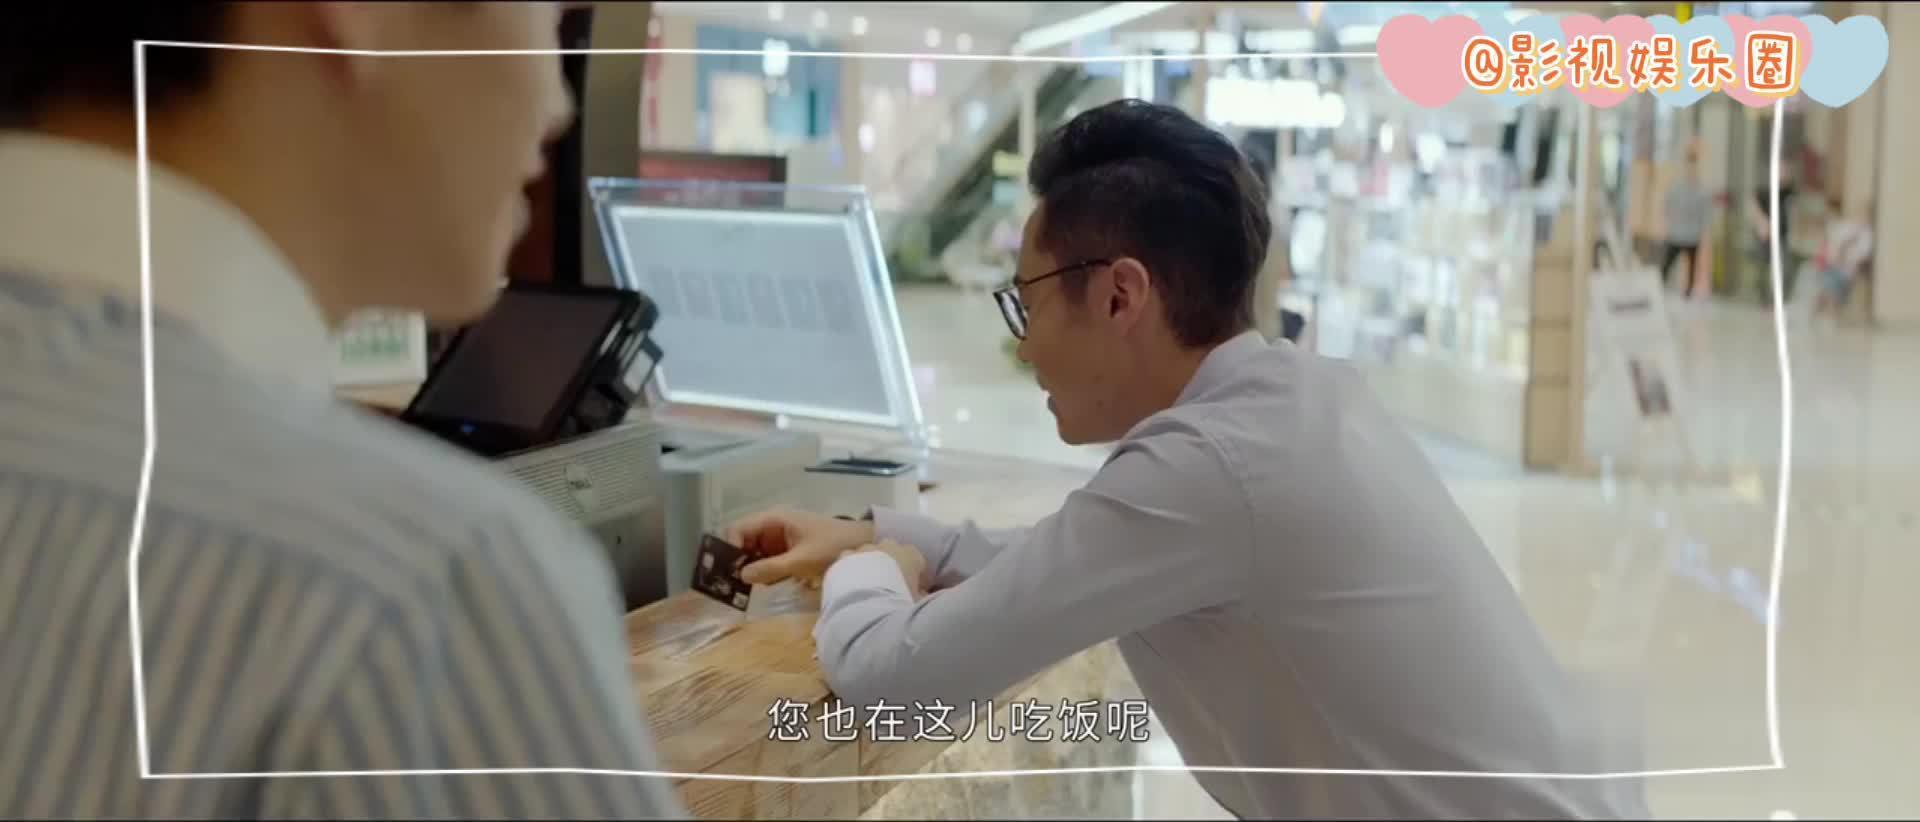 电视剧《平凡的荣耀》 郝帅发现殷盛超突然名牌奢侈品加身……